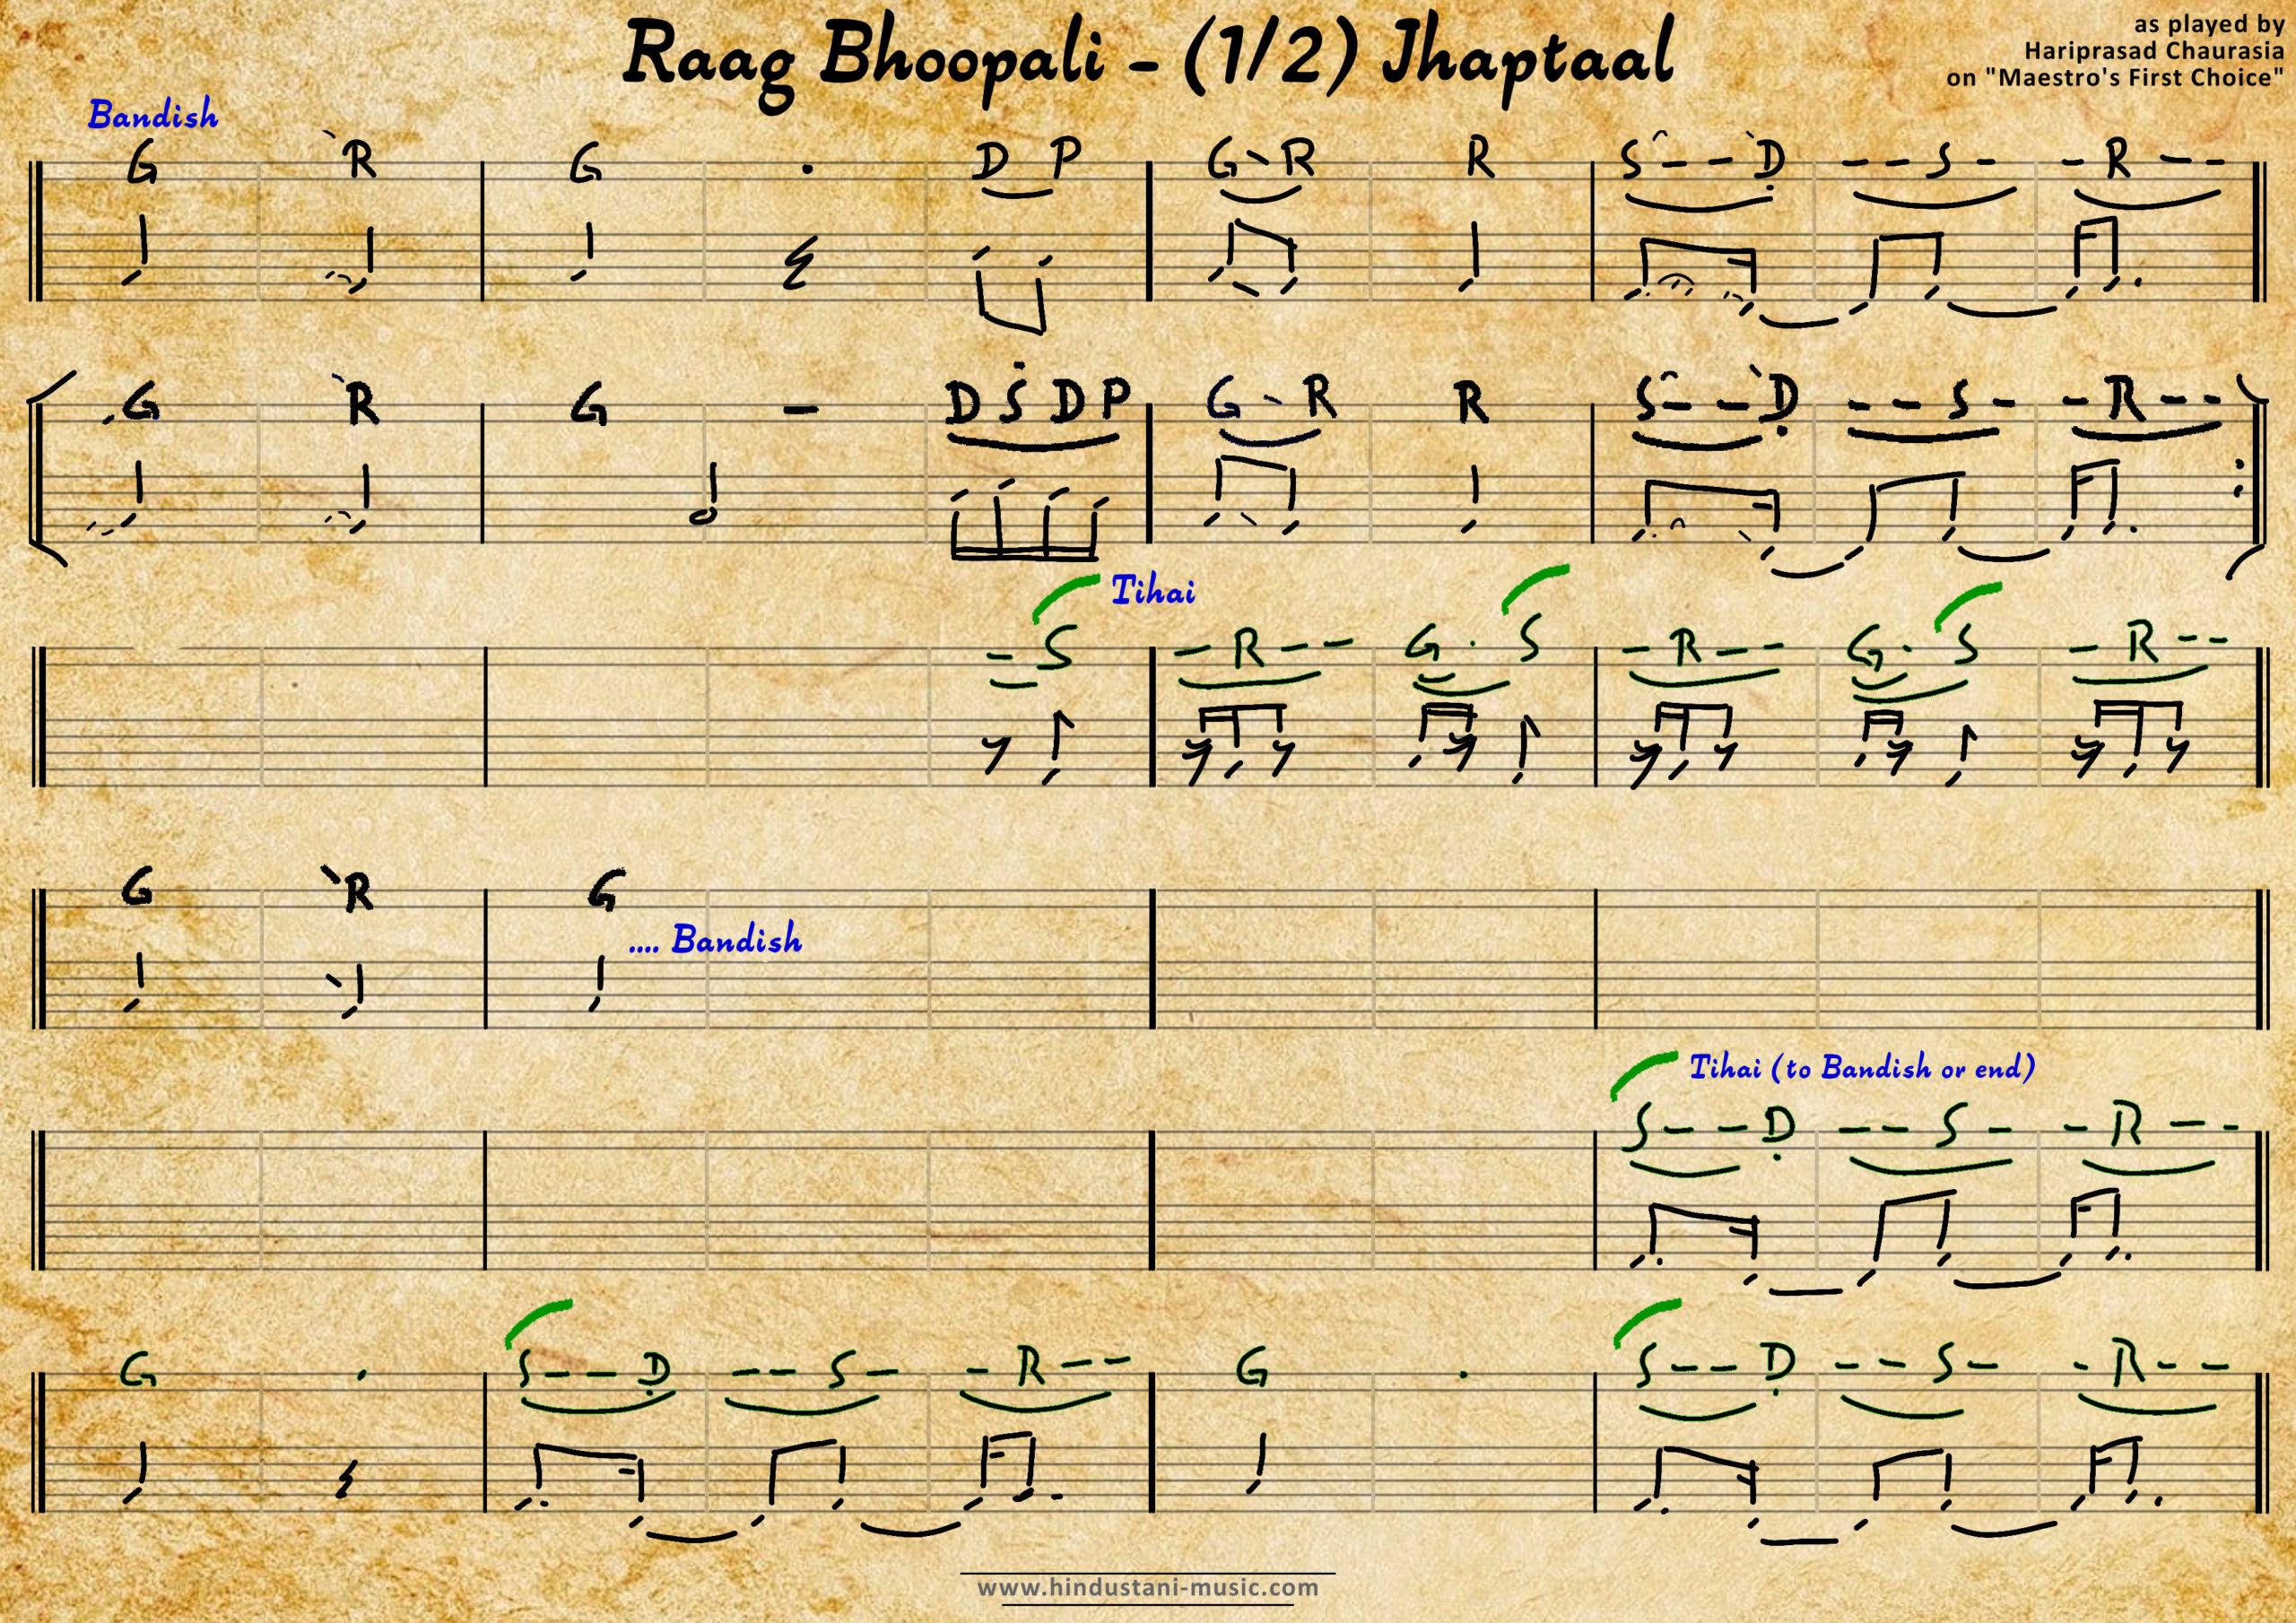 Bhoopali - Hariprasad Chaurasia FirstChoice - 1 Jhaptaal